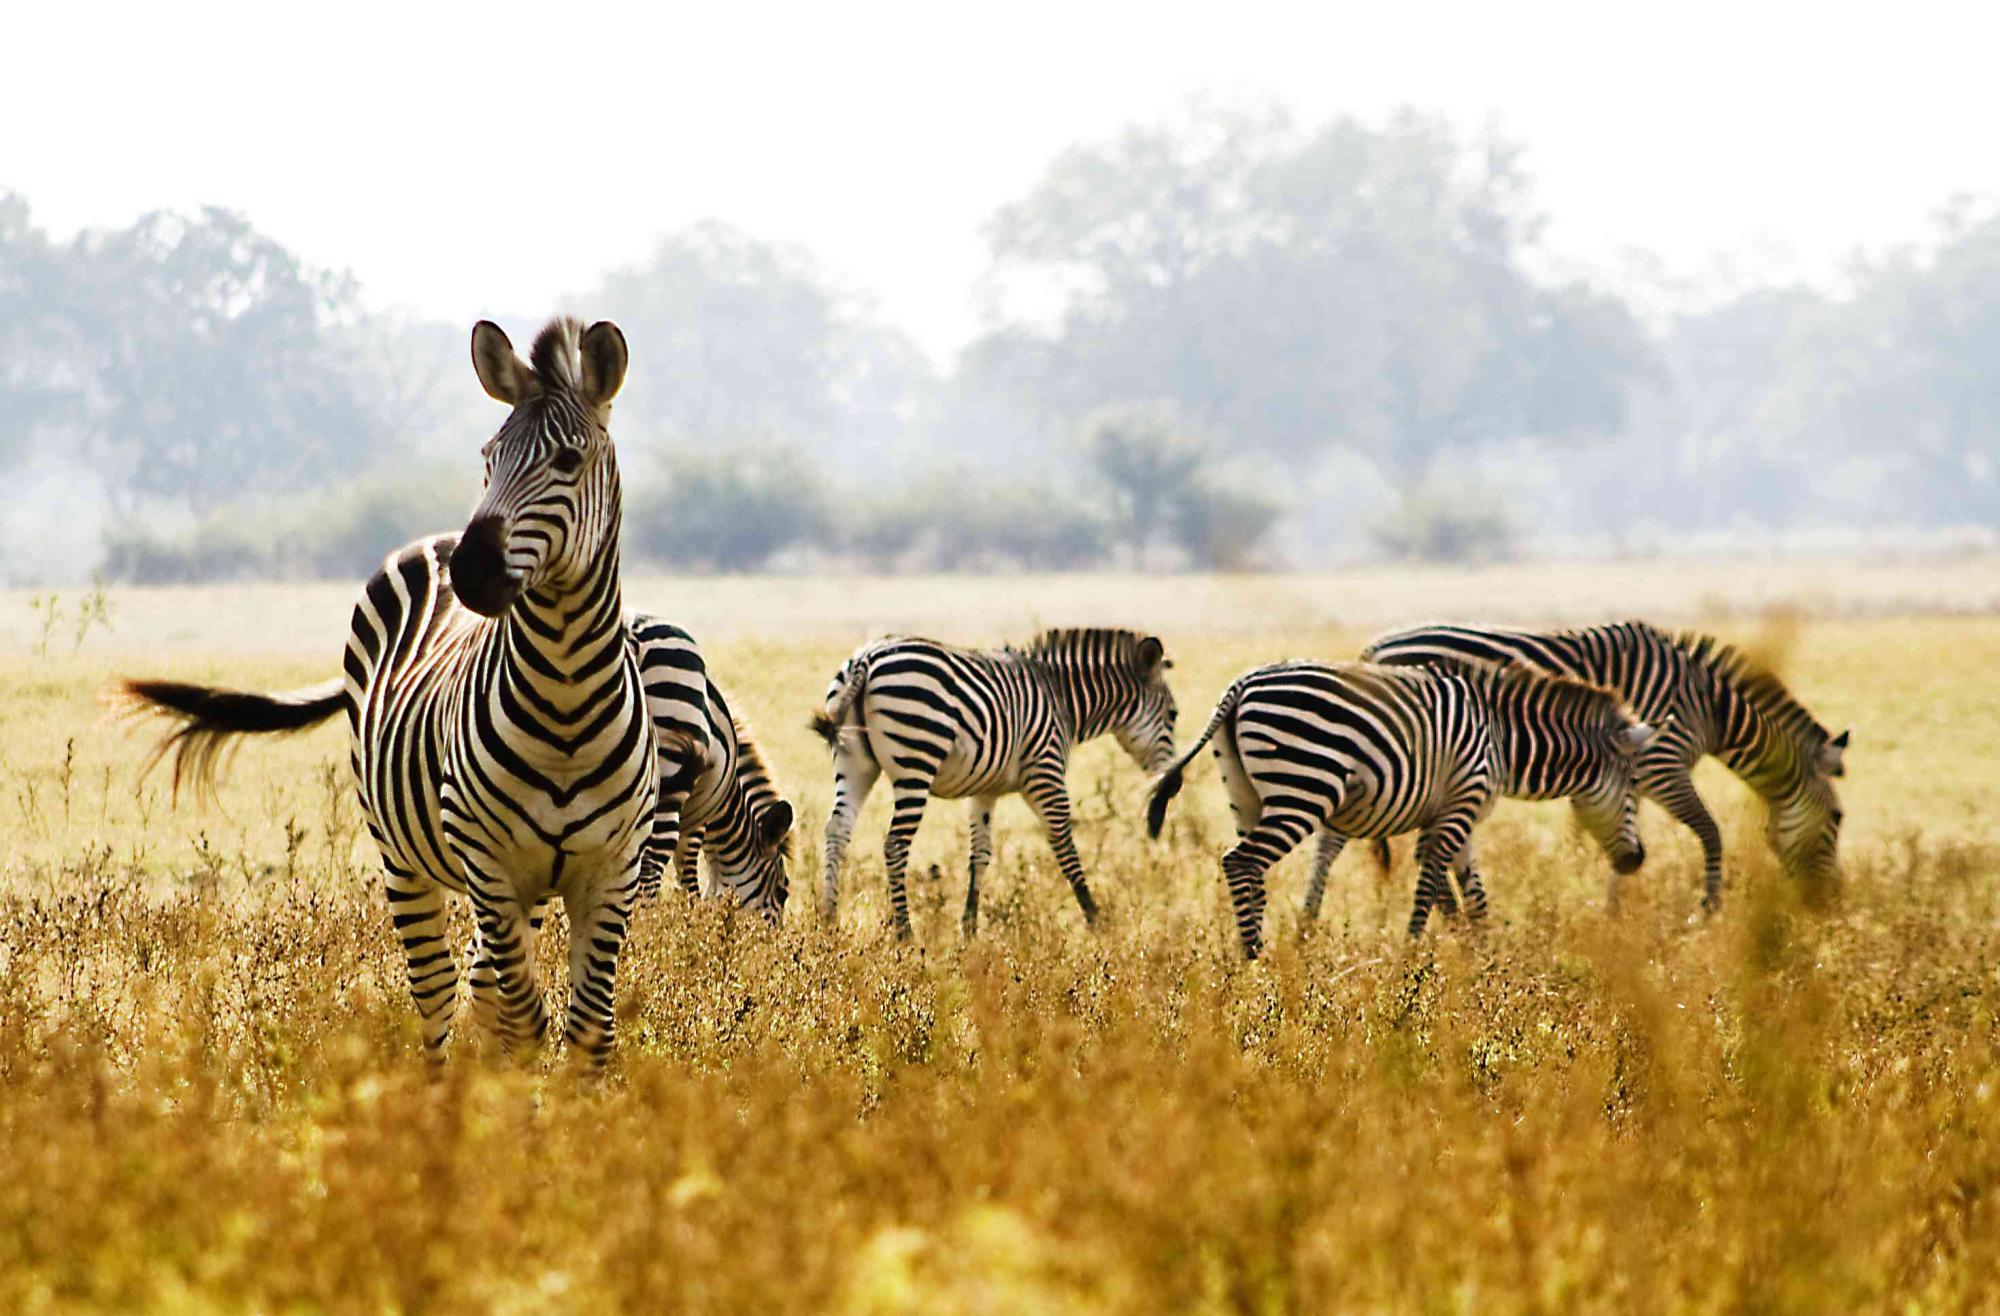 5 Day Lodging Safari to Manyara, Serengeti and Ngorongoro